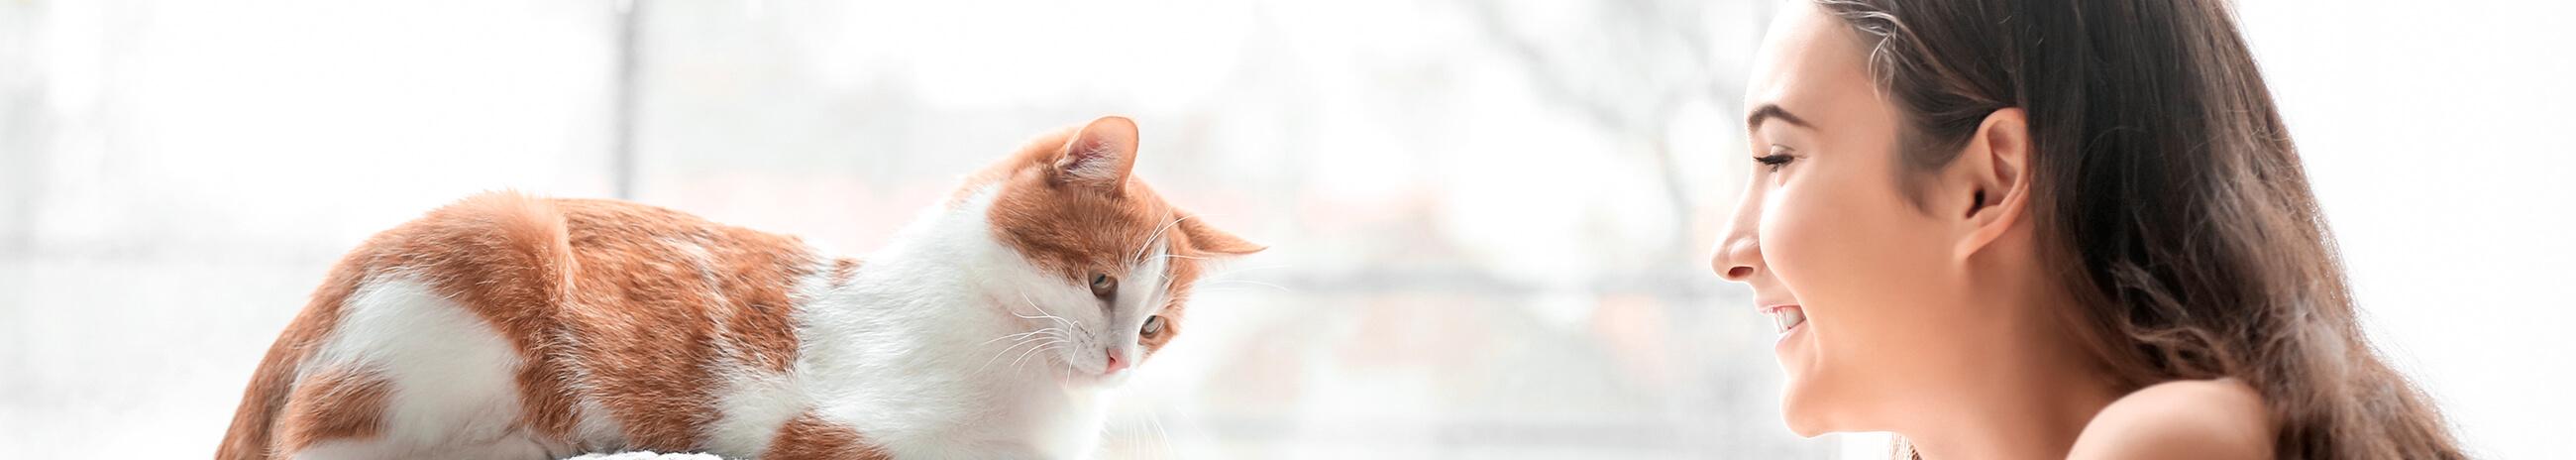 Top 10 de las razas de gato más tiernas y cariñosas